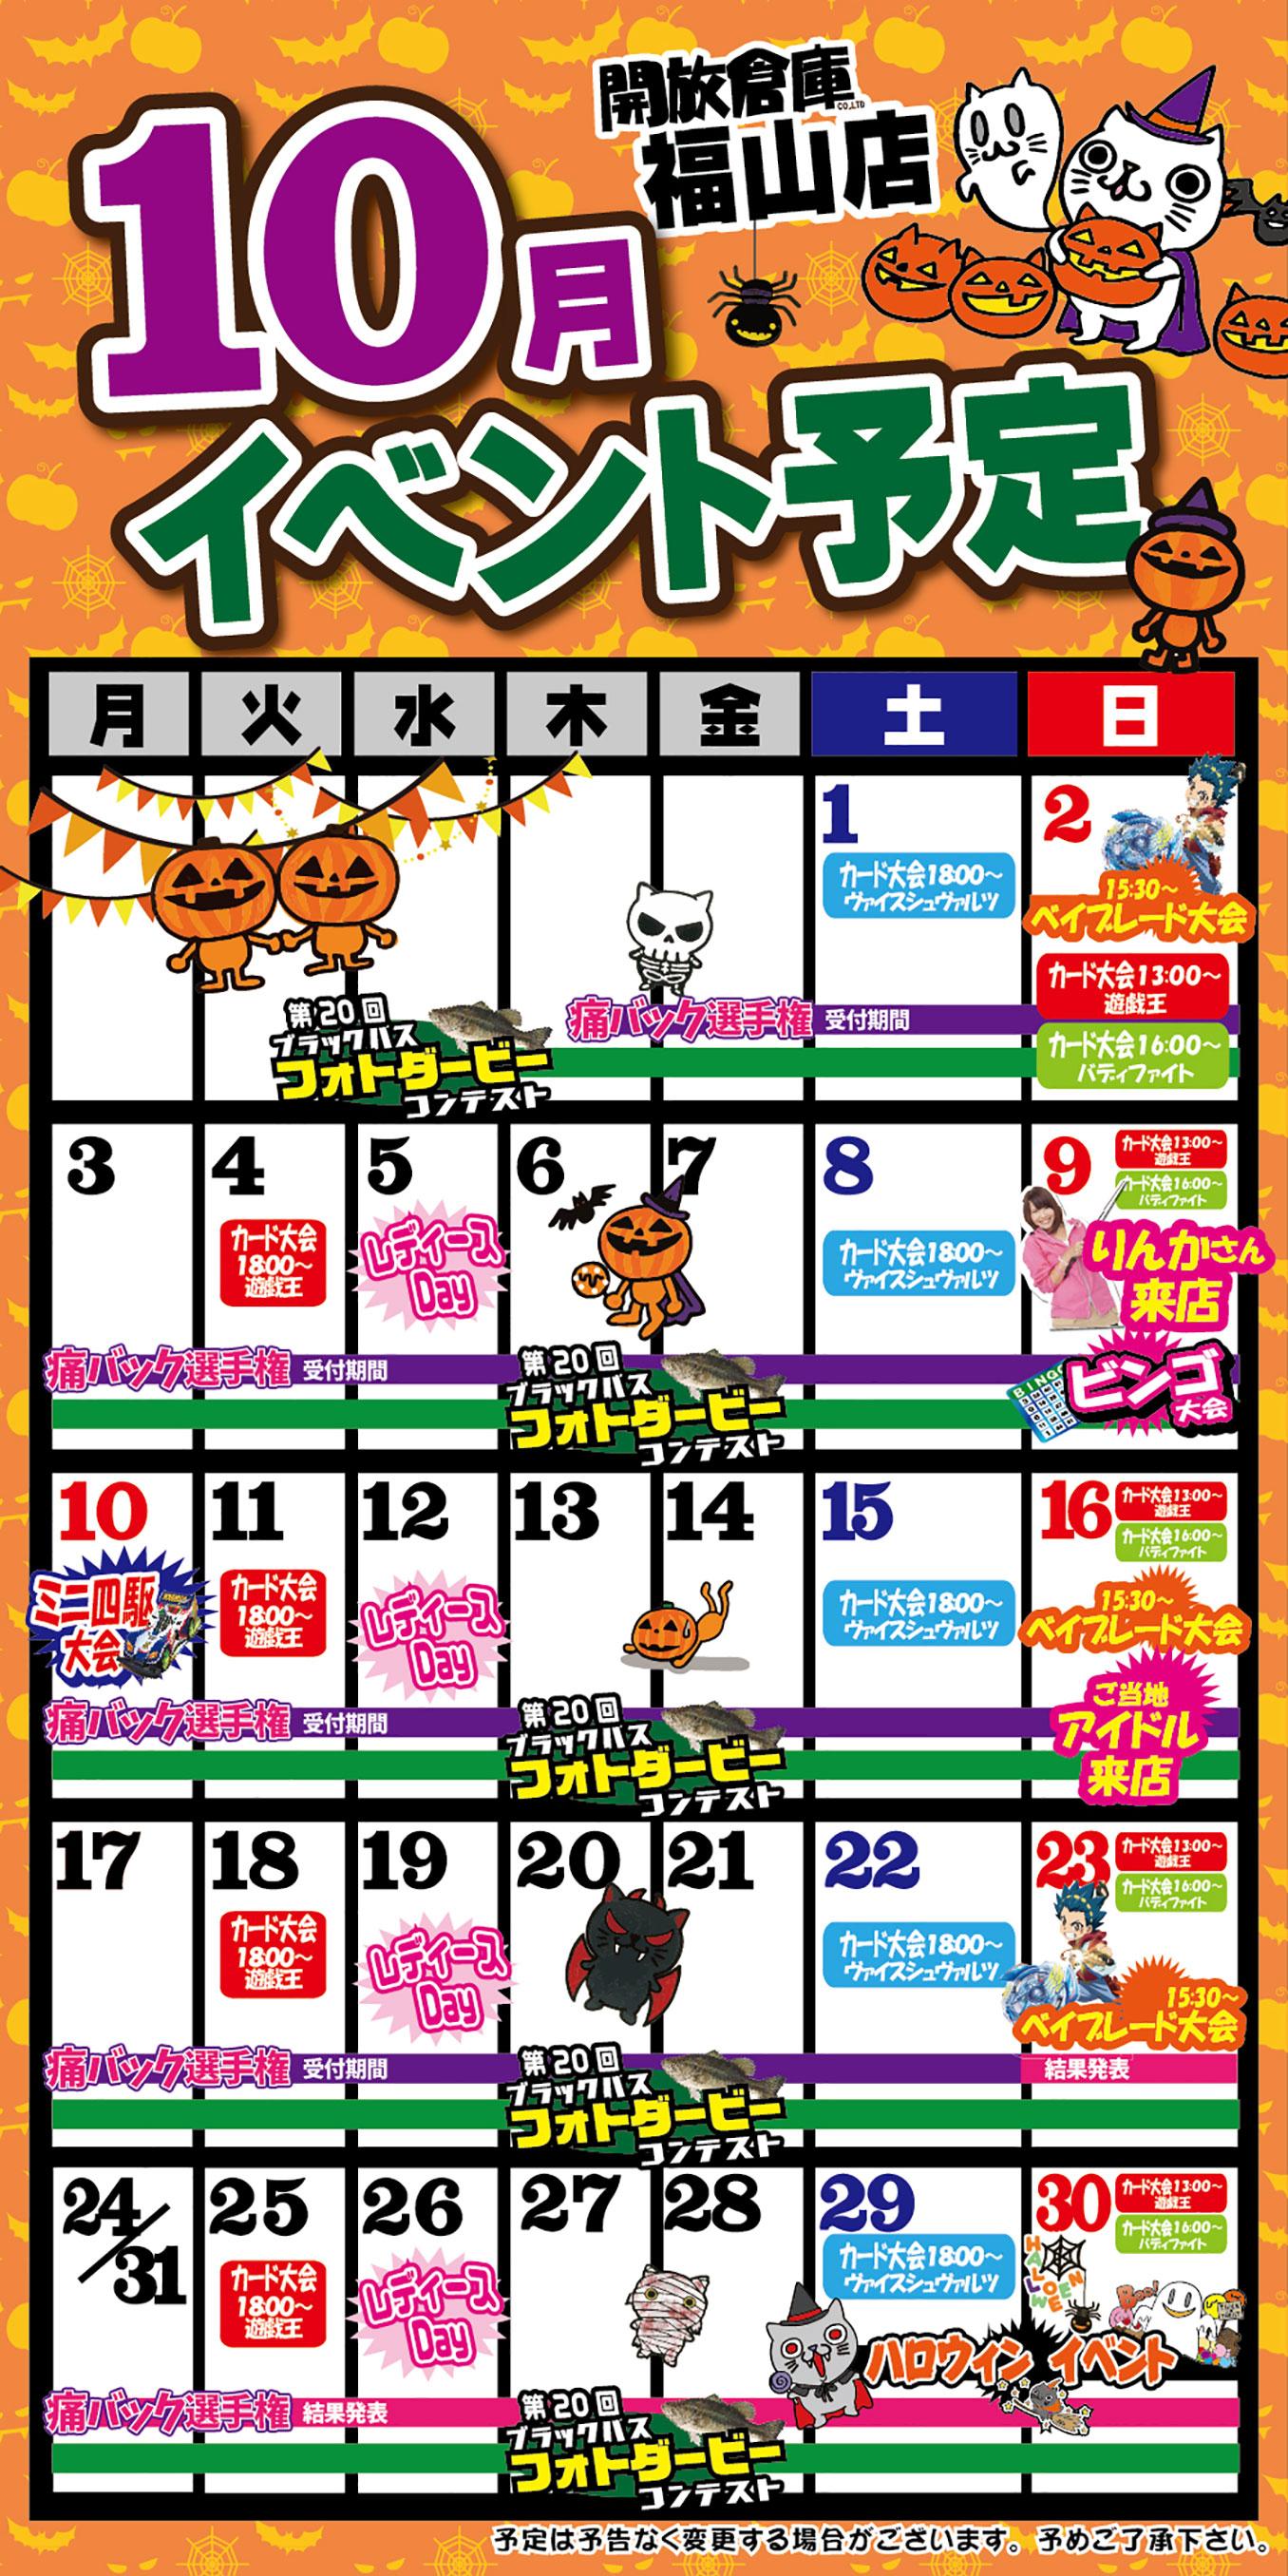 「開放倉庫福山店」2016年10月のイベントスケジュール